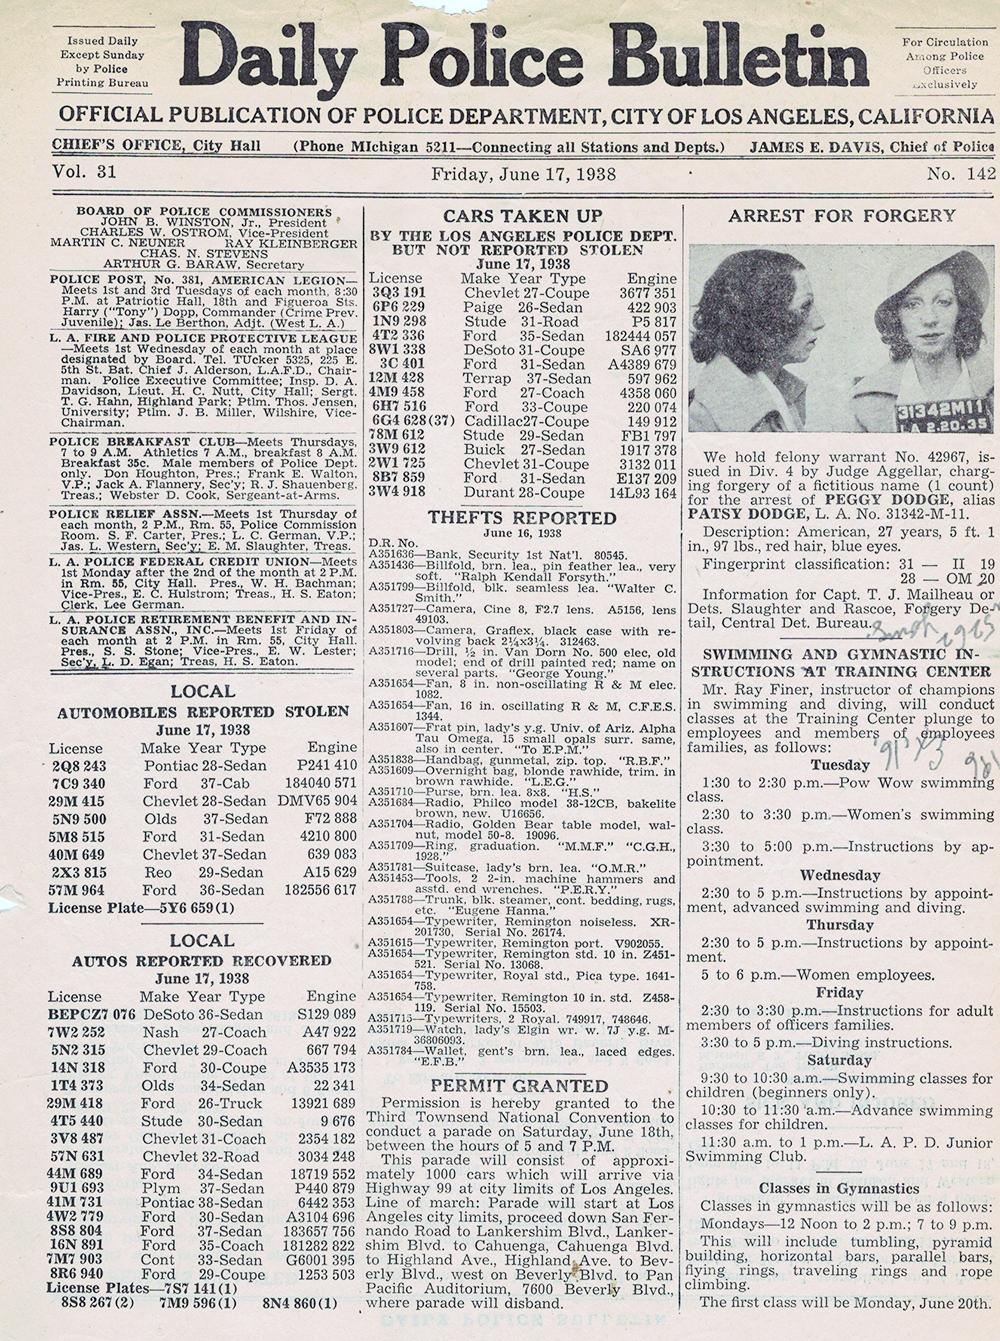 Police Bulletin June 17, 1938.jpg